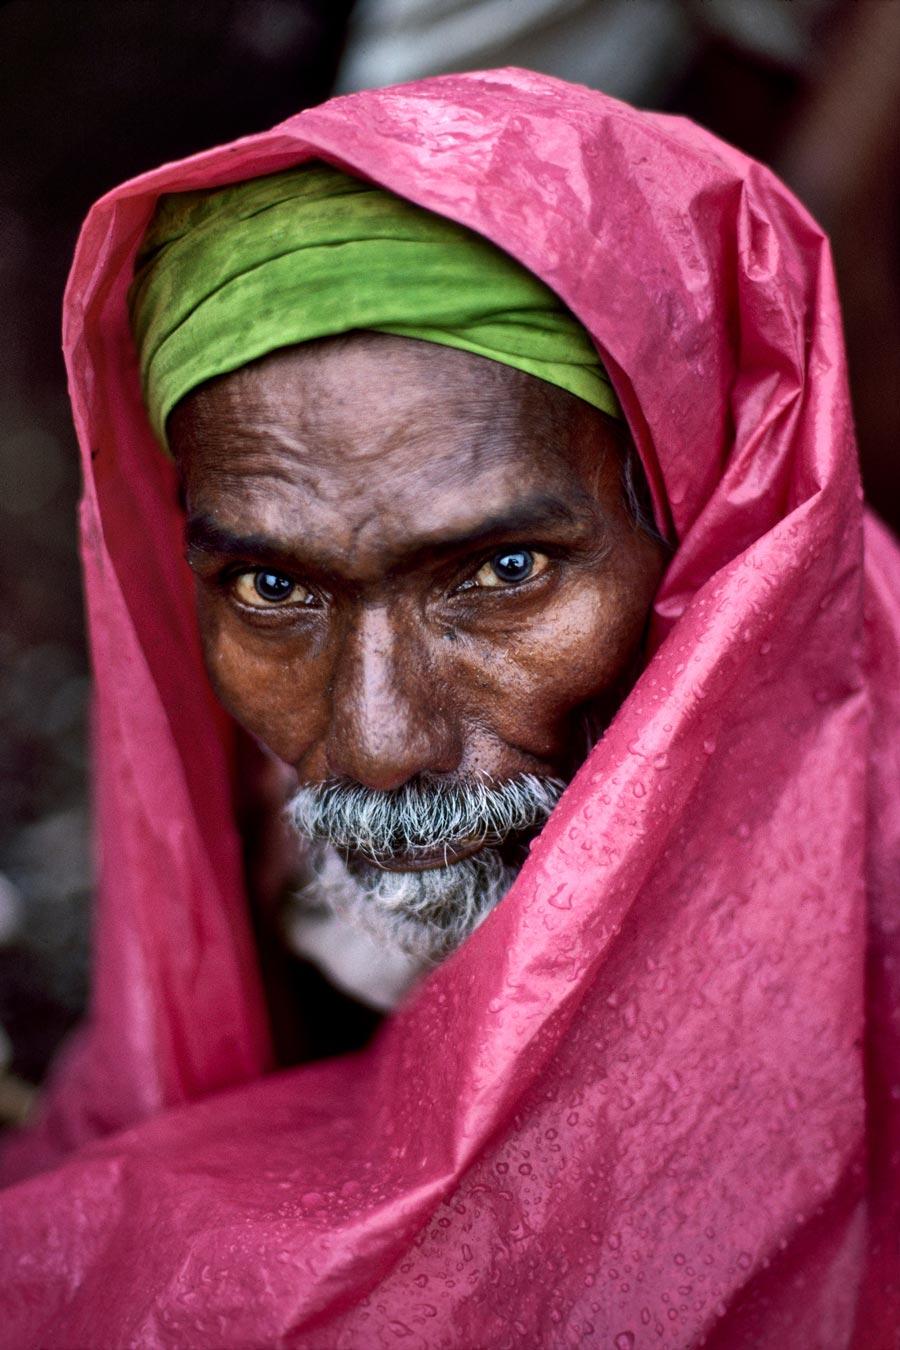 00065_10. Water Vendor, India, 1983